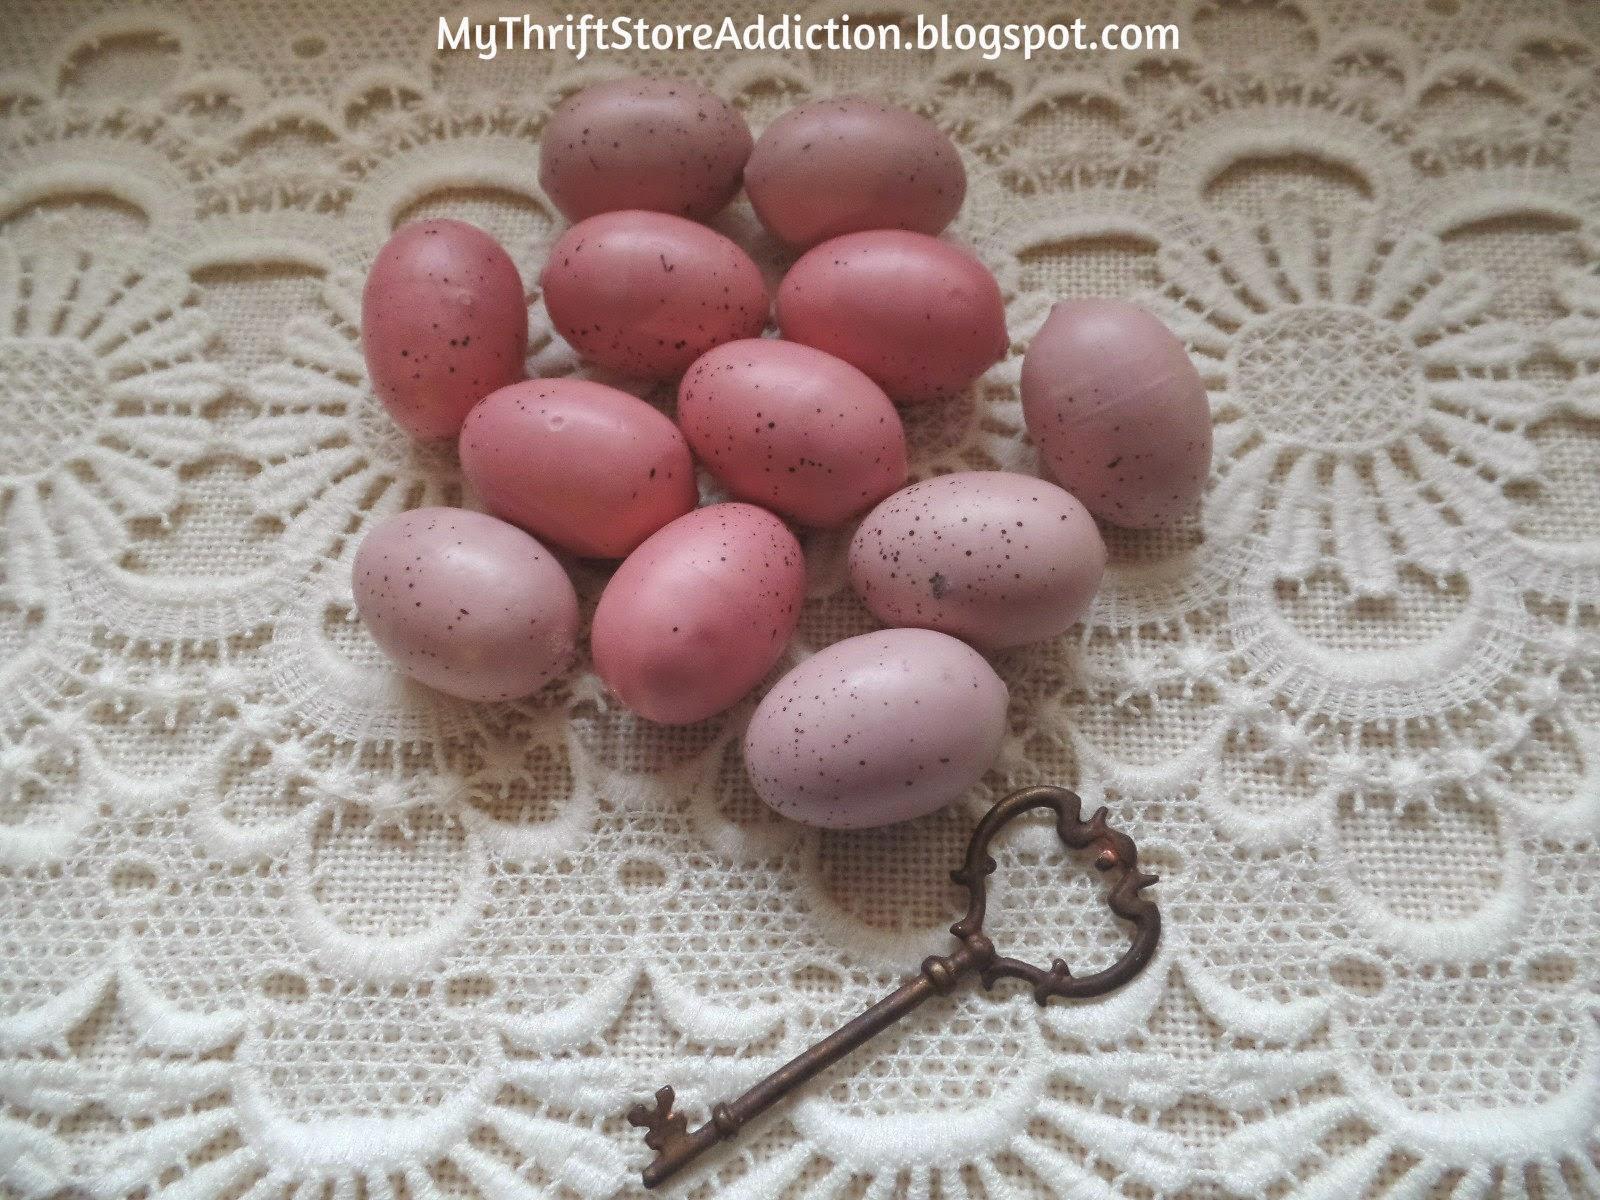 Thrift store eggs